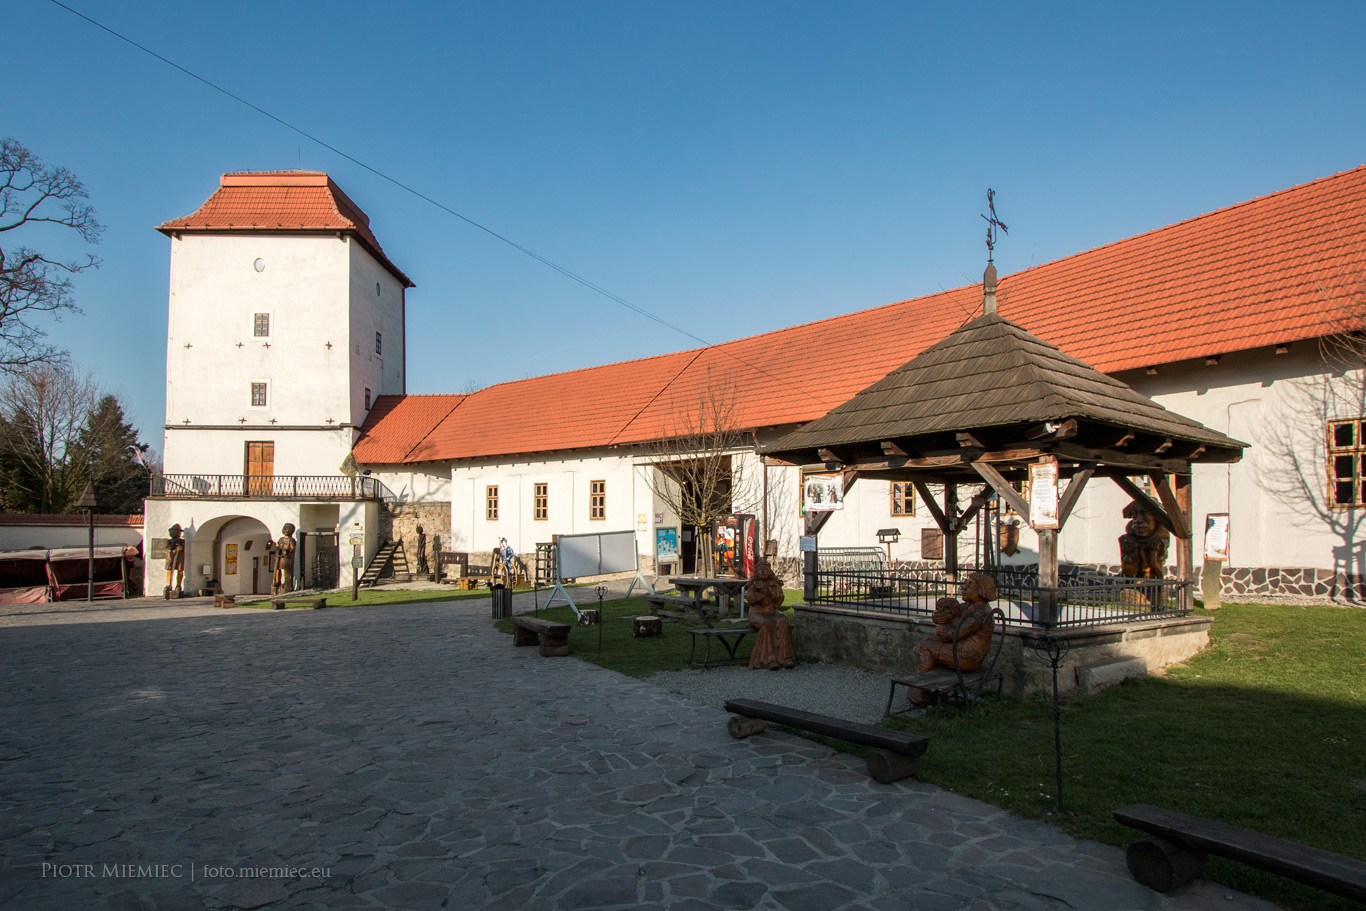 Zamek w Śląskiej Ostrawie